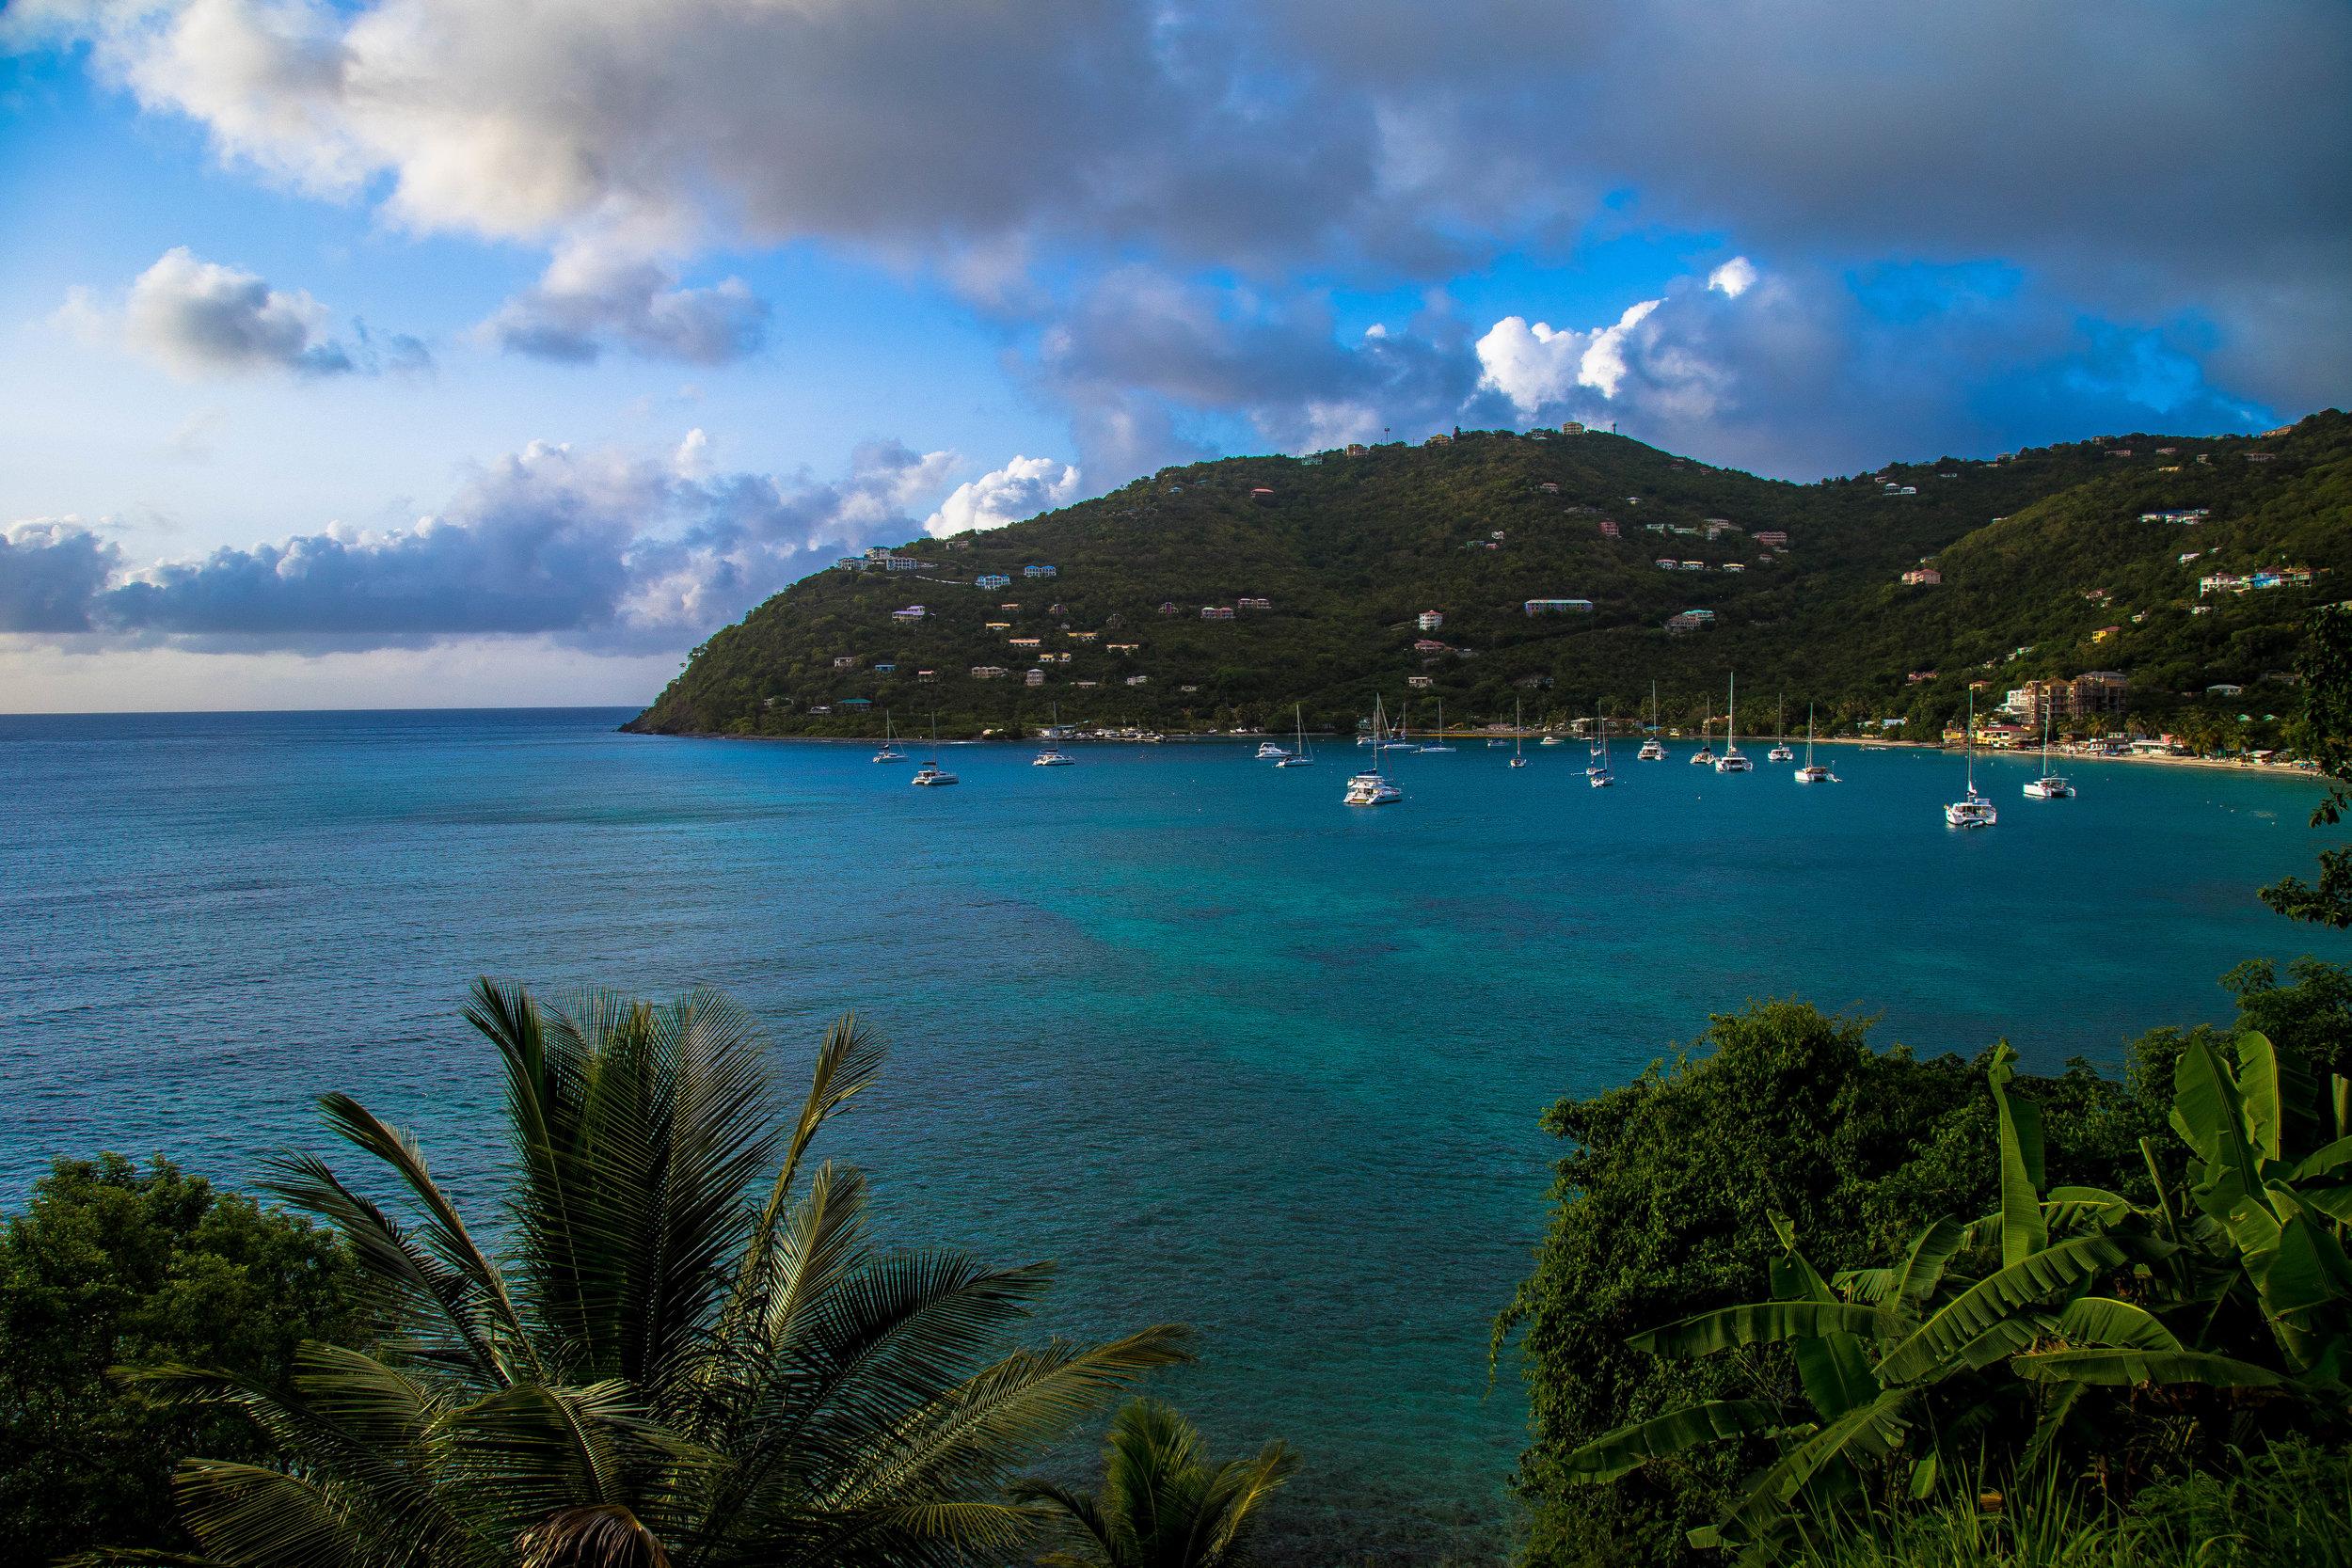 The view above Cane Garden Bay.